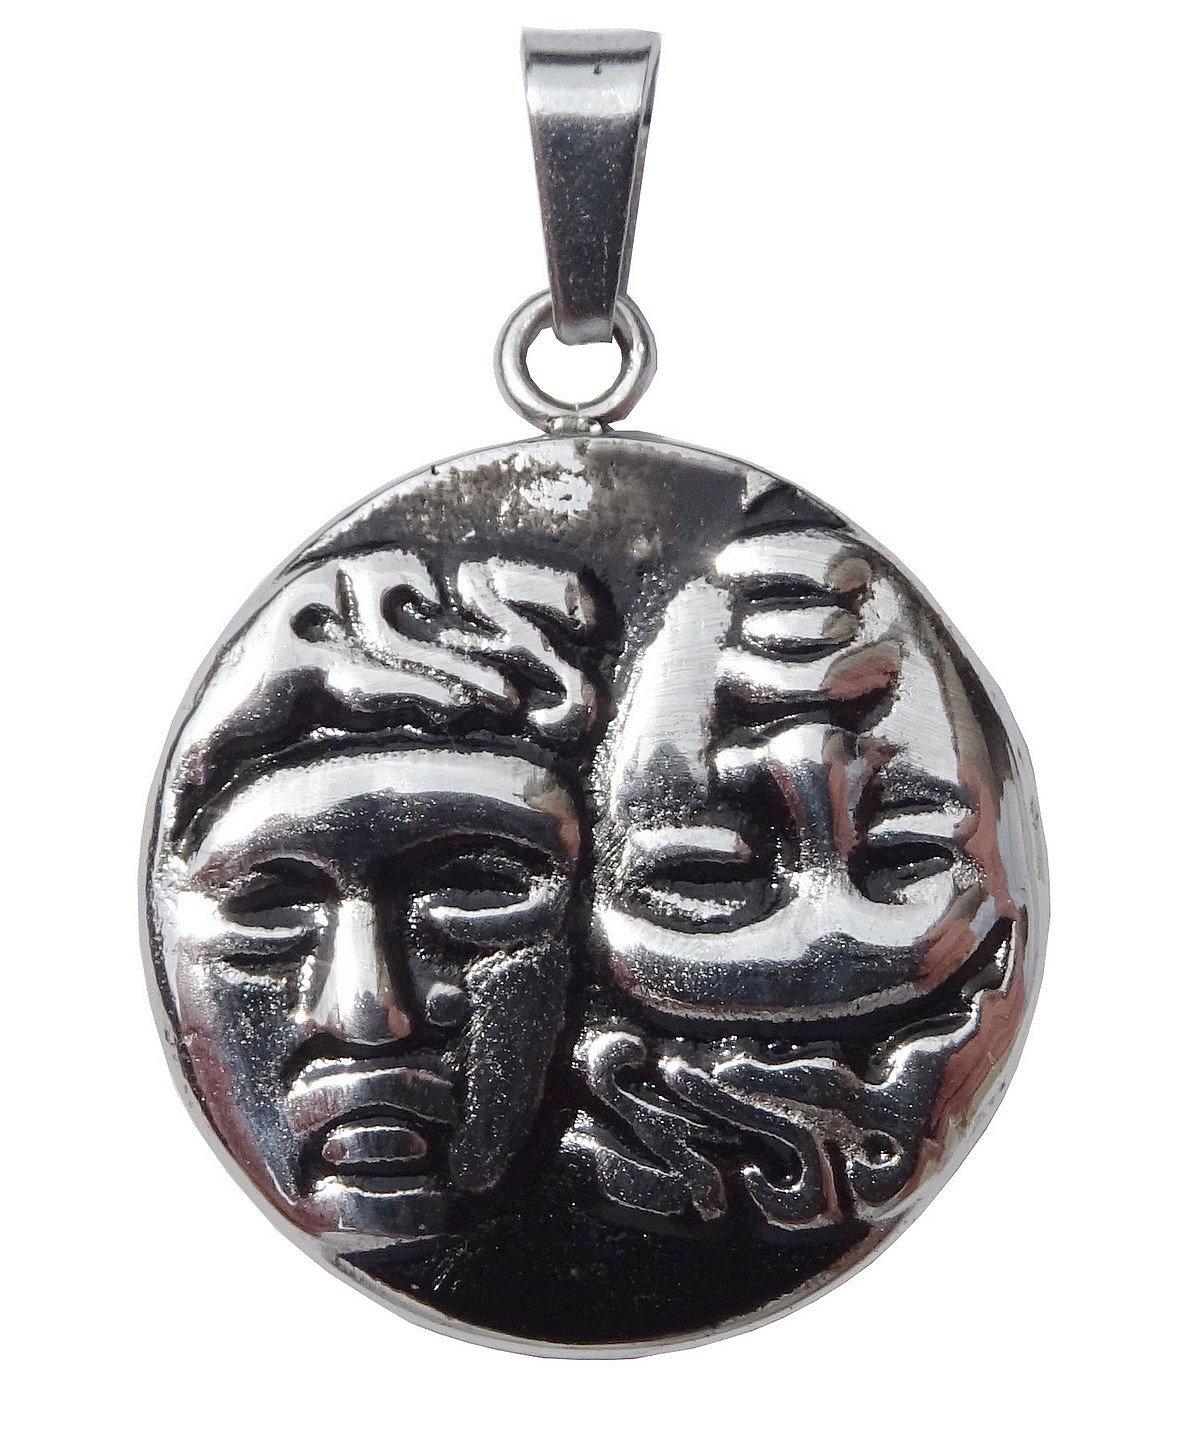 ♊ Pendentif Piè ce de Monnaie Grecque Castor et Pollux Symbole des Jumeaux dans la Mythologie Grecque et sa chaî ne. Envie Bijoux